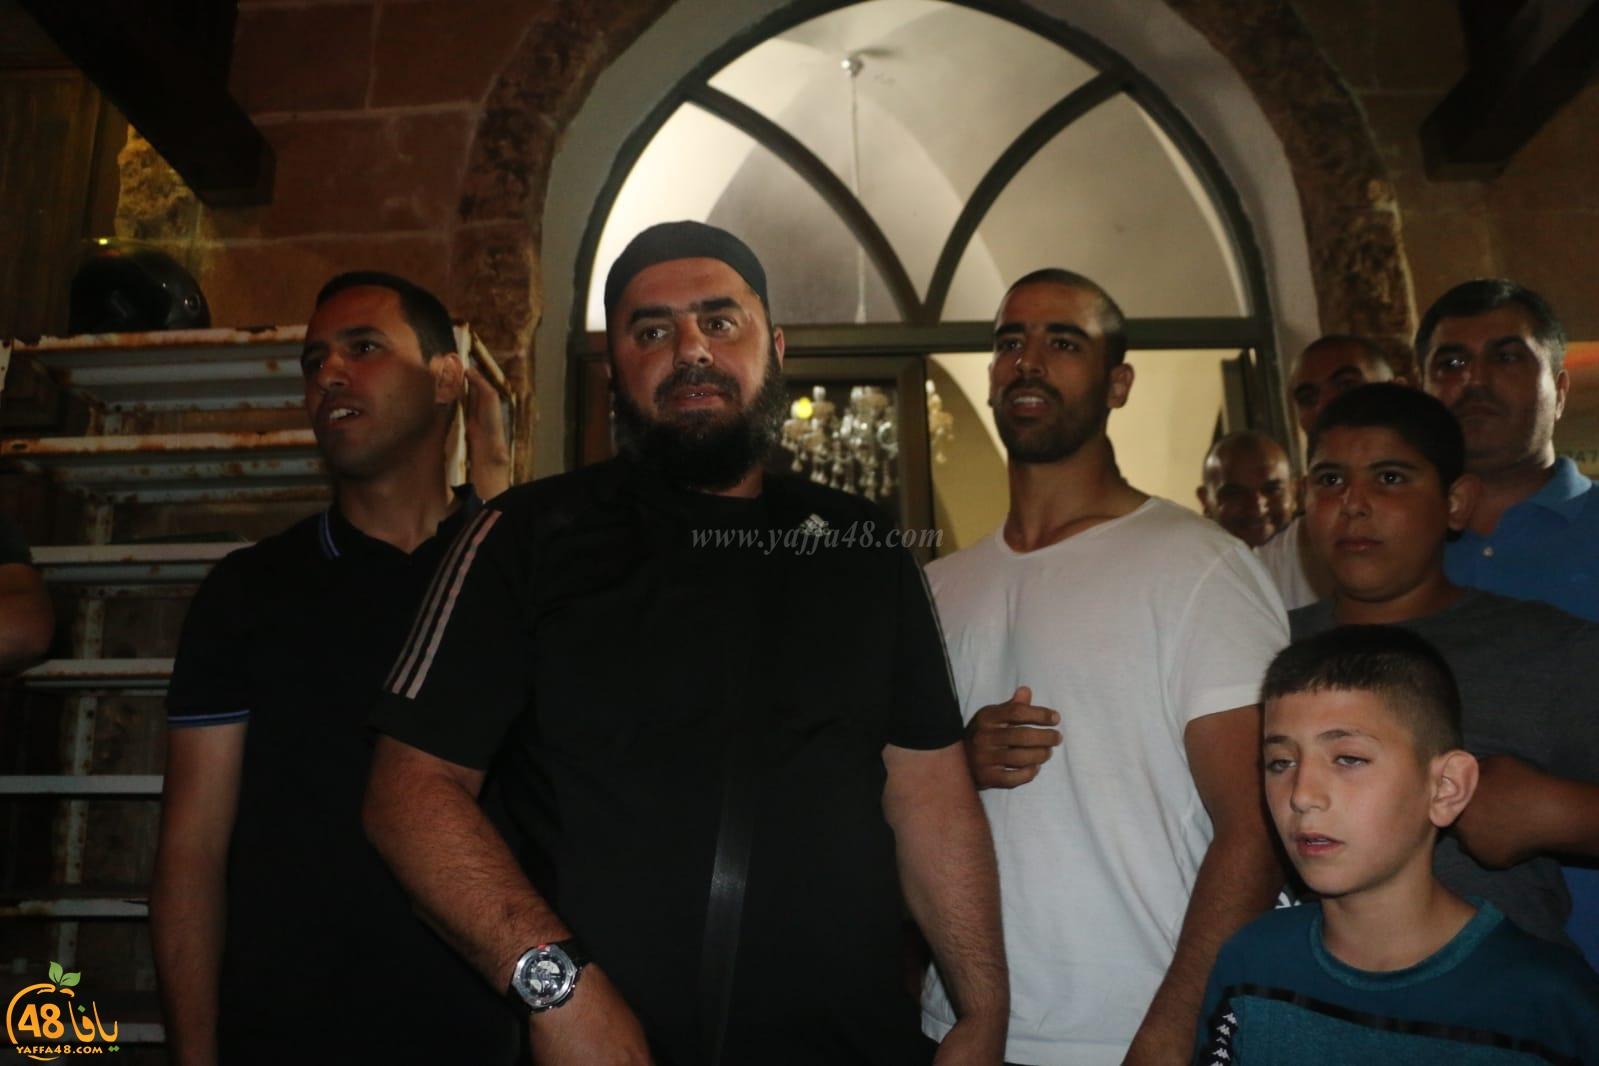 فيديو: الشرطة تُطلق سراح رئيس الهيئة الاسلامية المنتخبة وزملائه شريطة إلغاء المسيرة